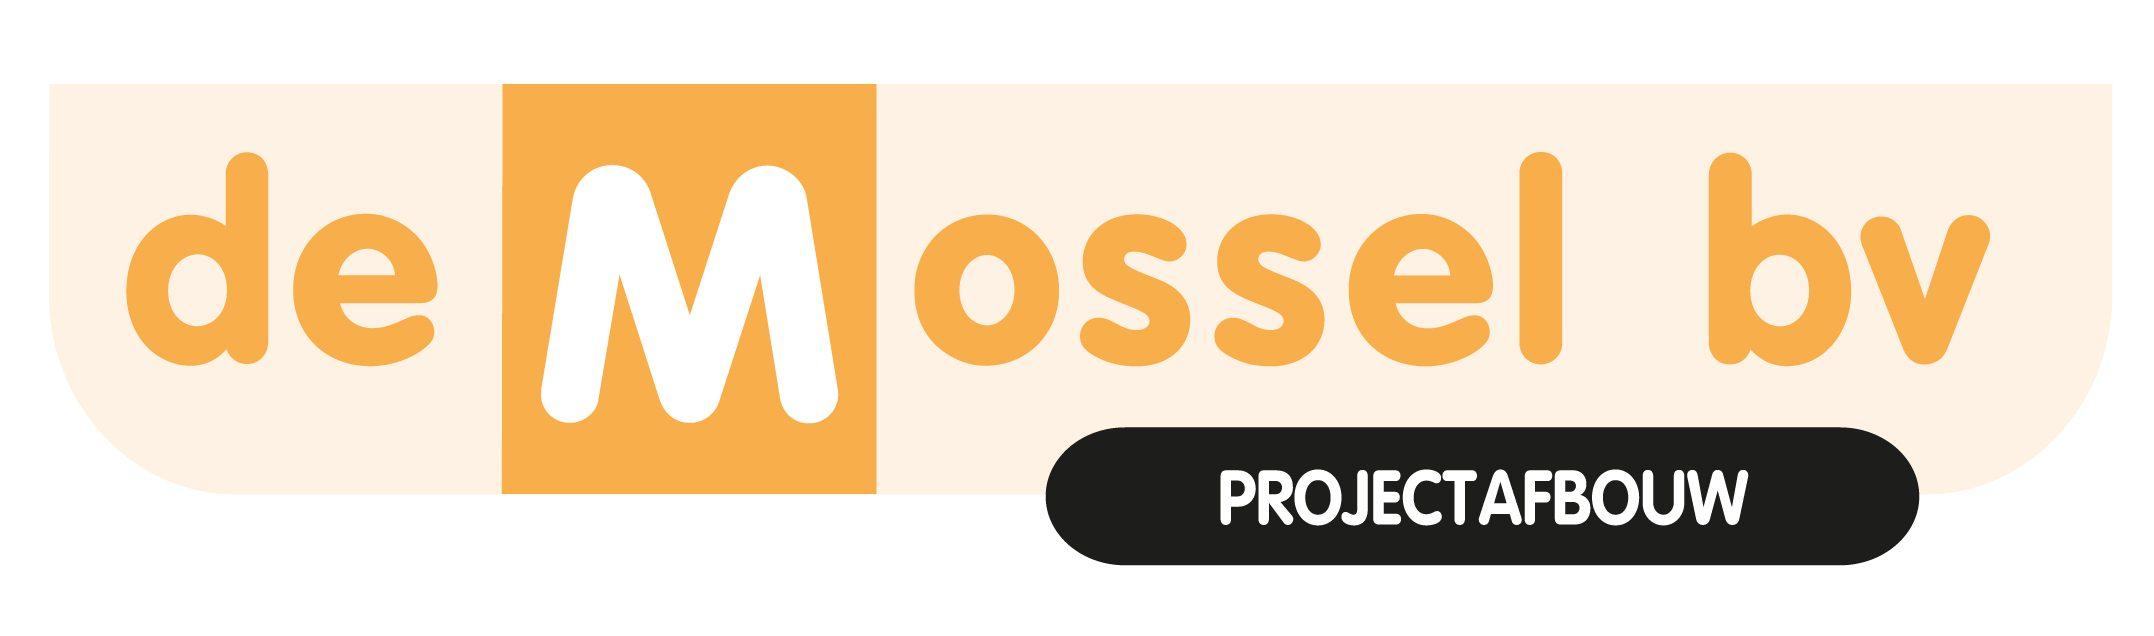 De Mossel Projectafbouw B.V.